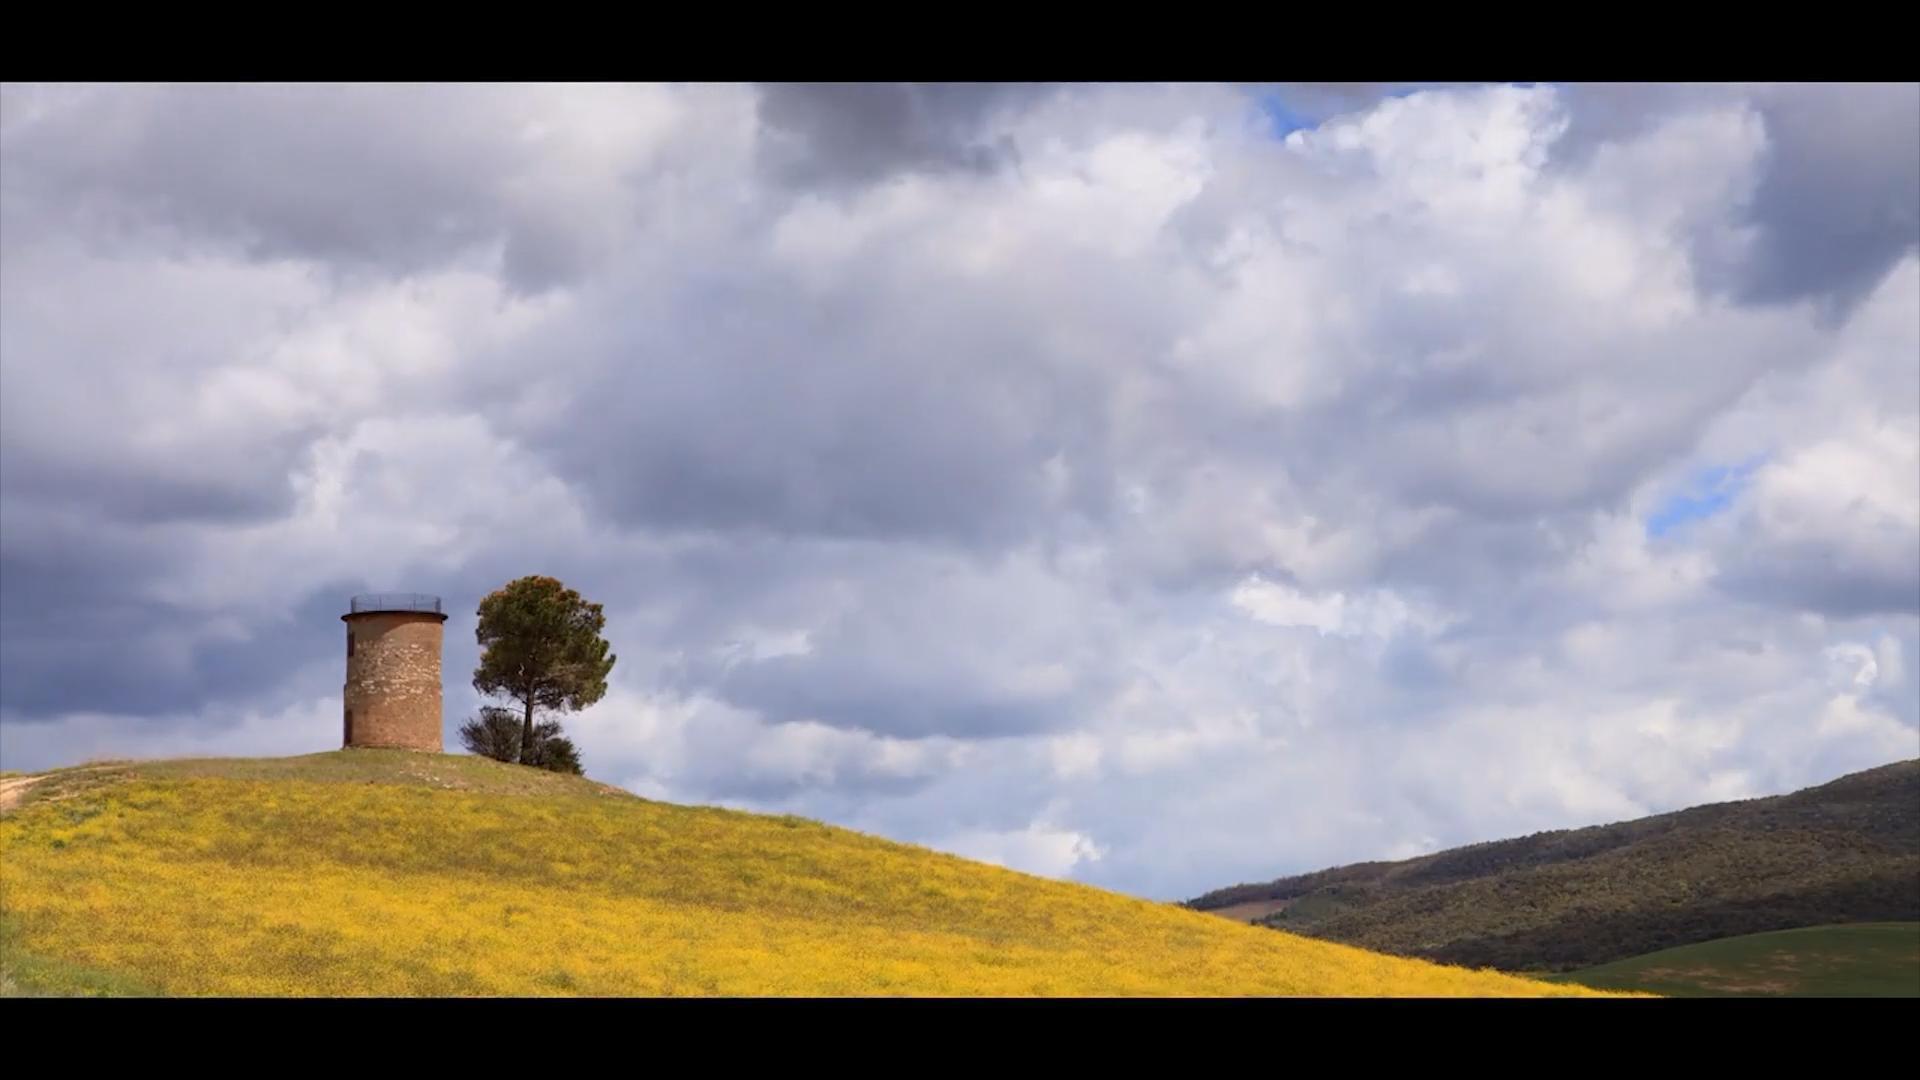 自然风光延时摄影